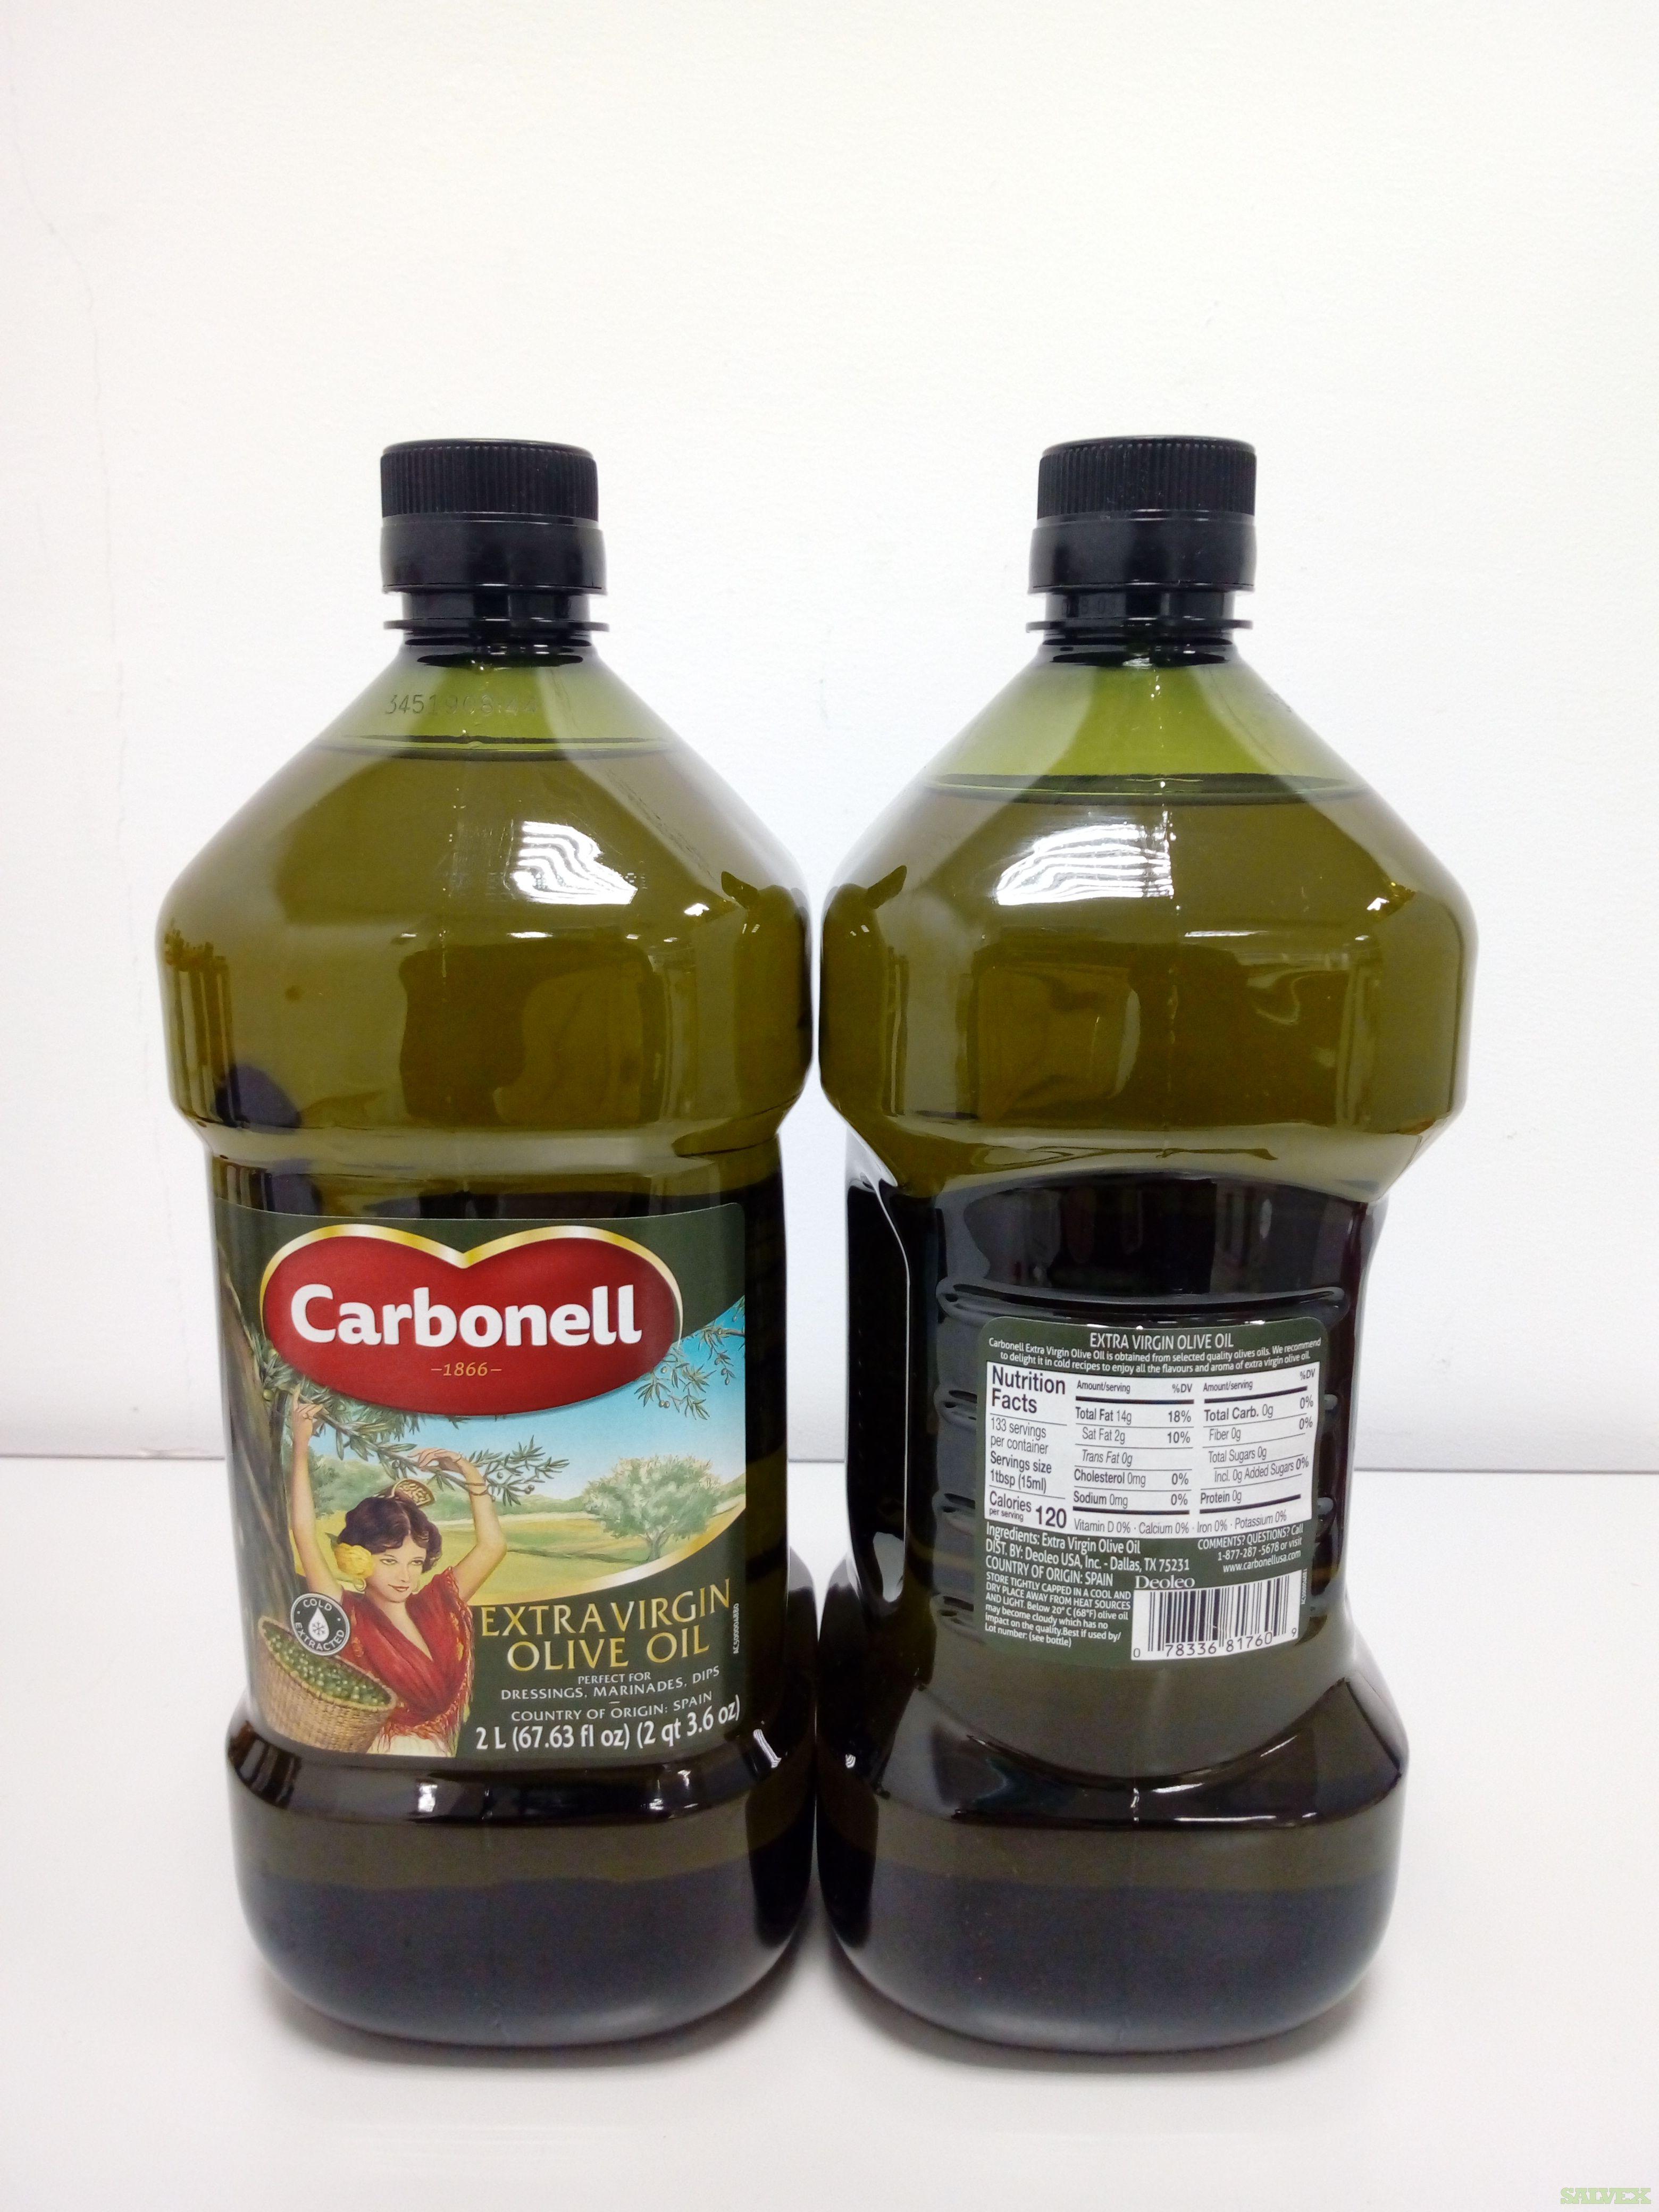 Bertolli and Carapelli Olive Oil